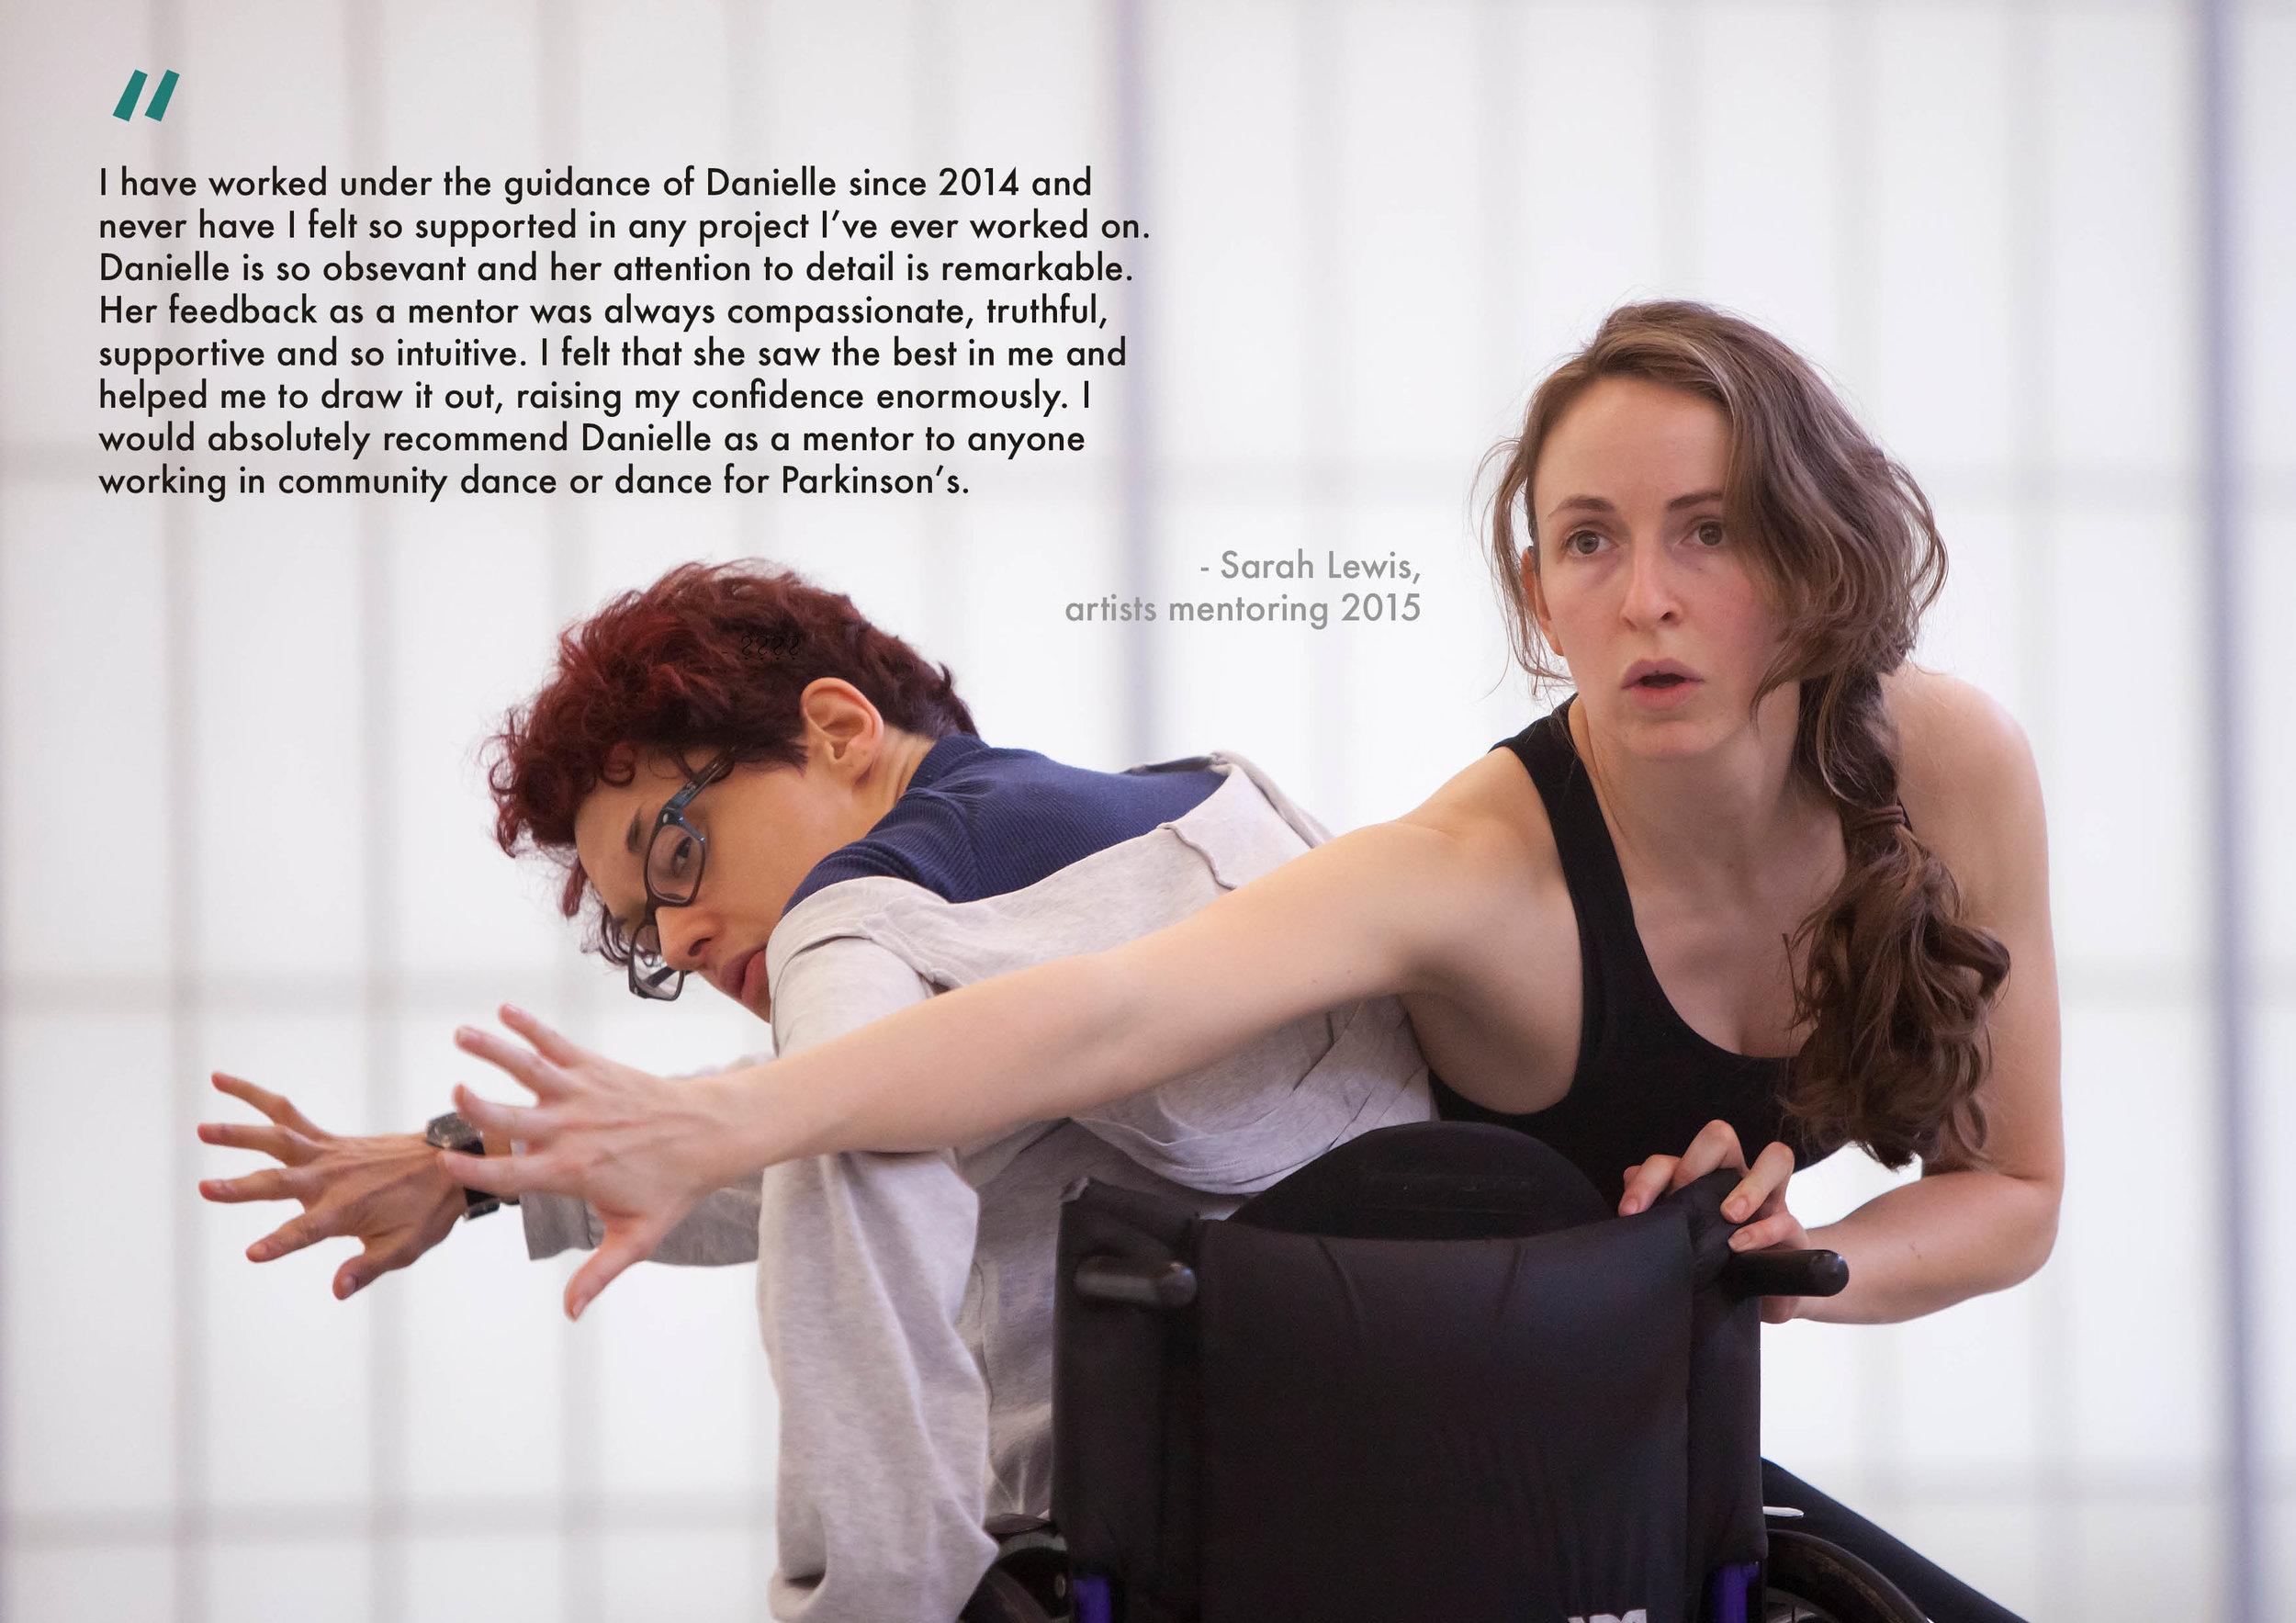 AEP Image Sarah Lewis Artist Mentoring 2015.jpg